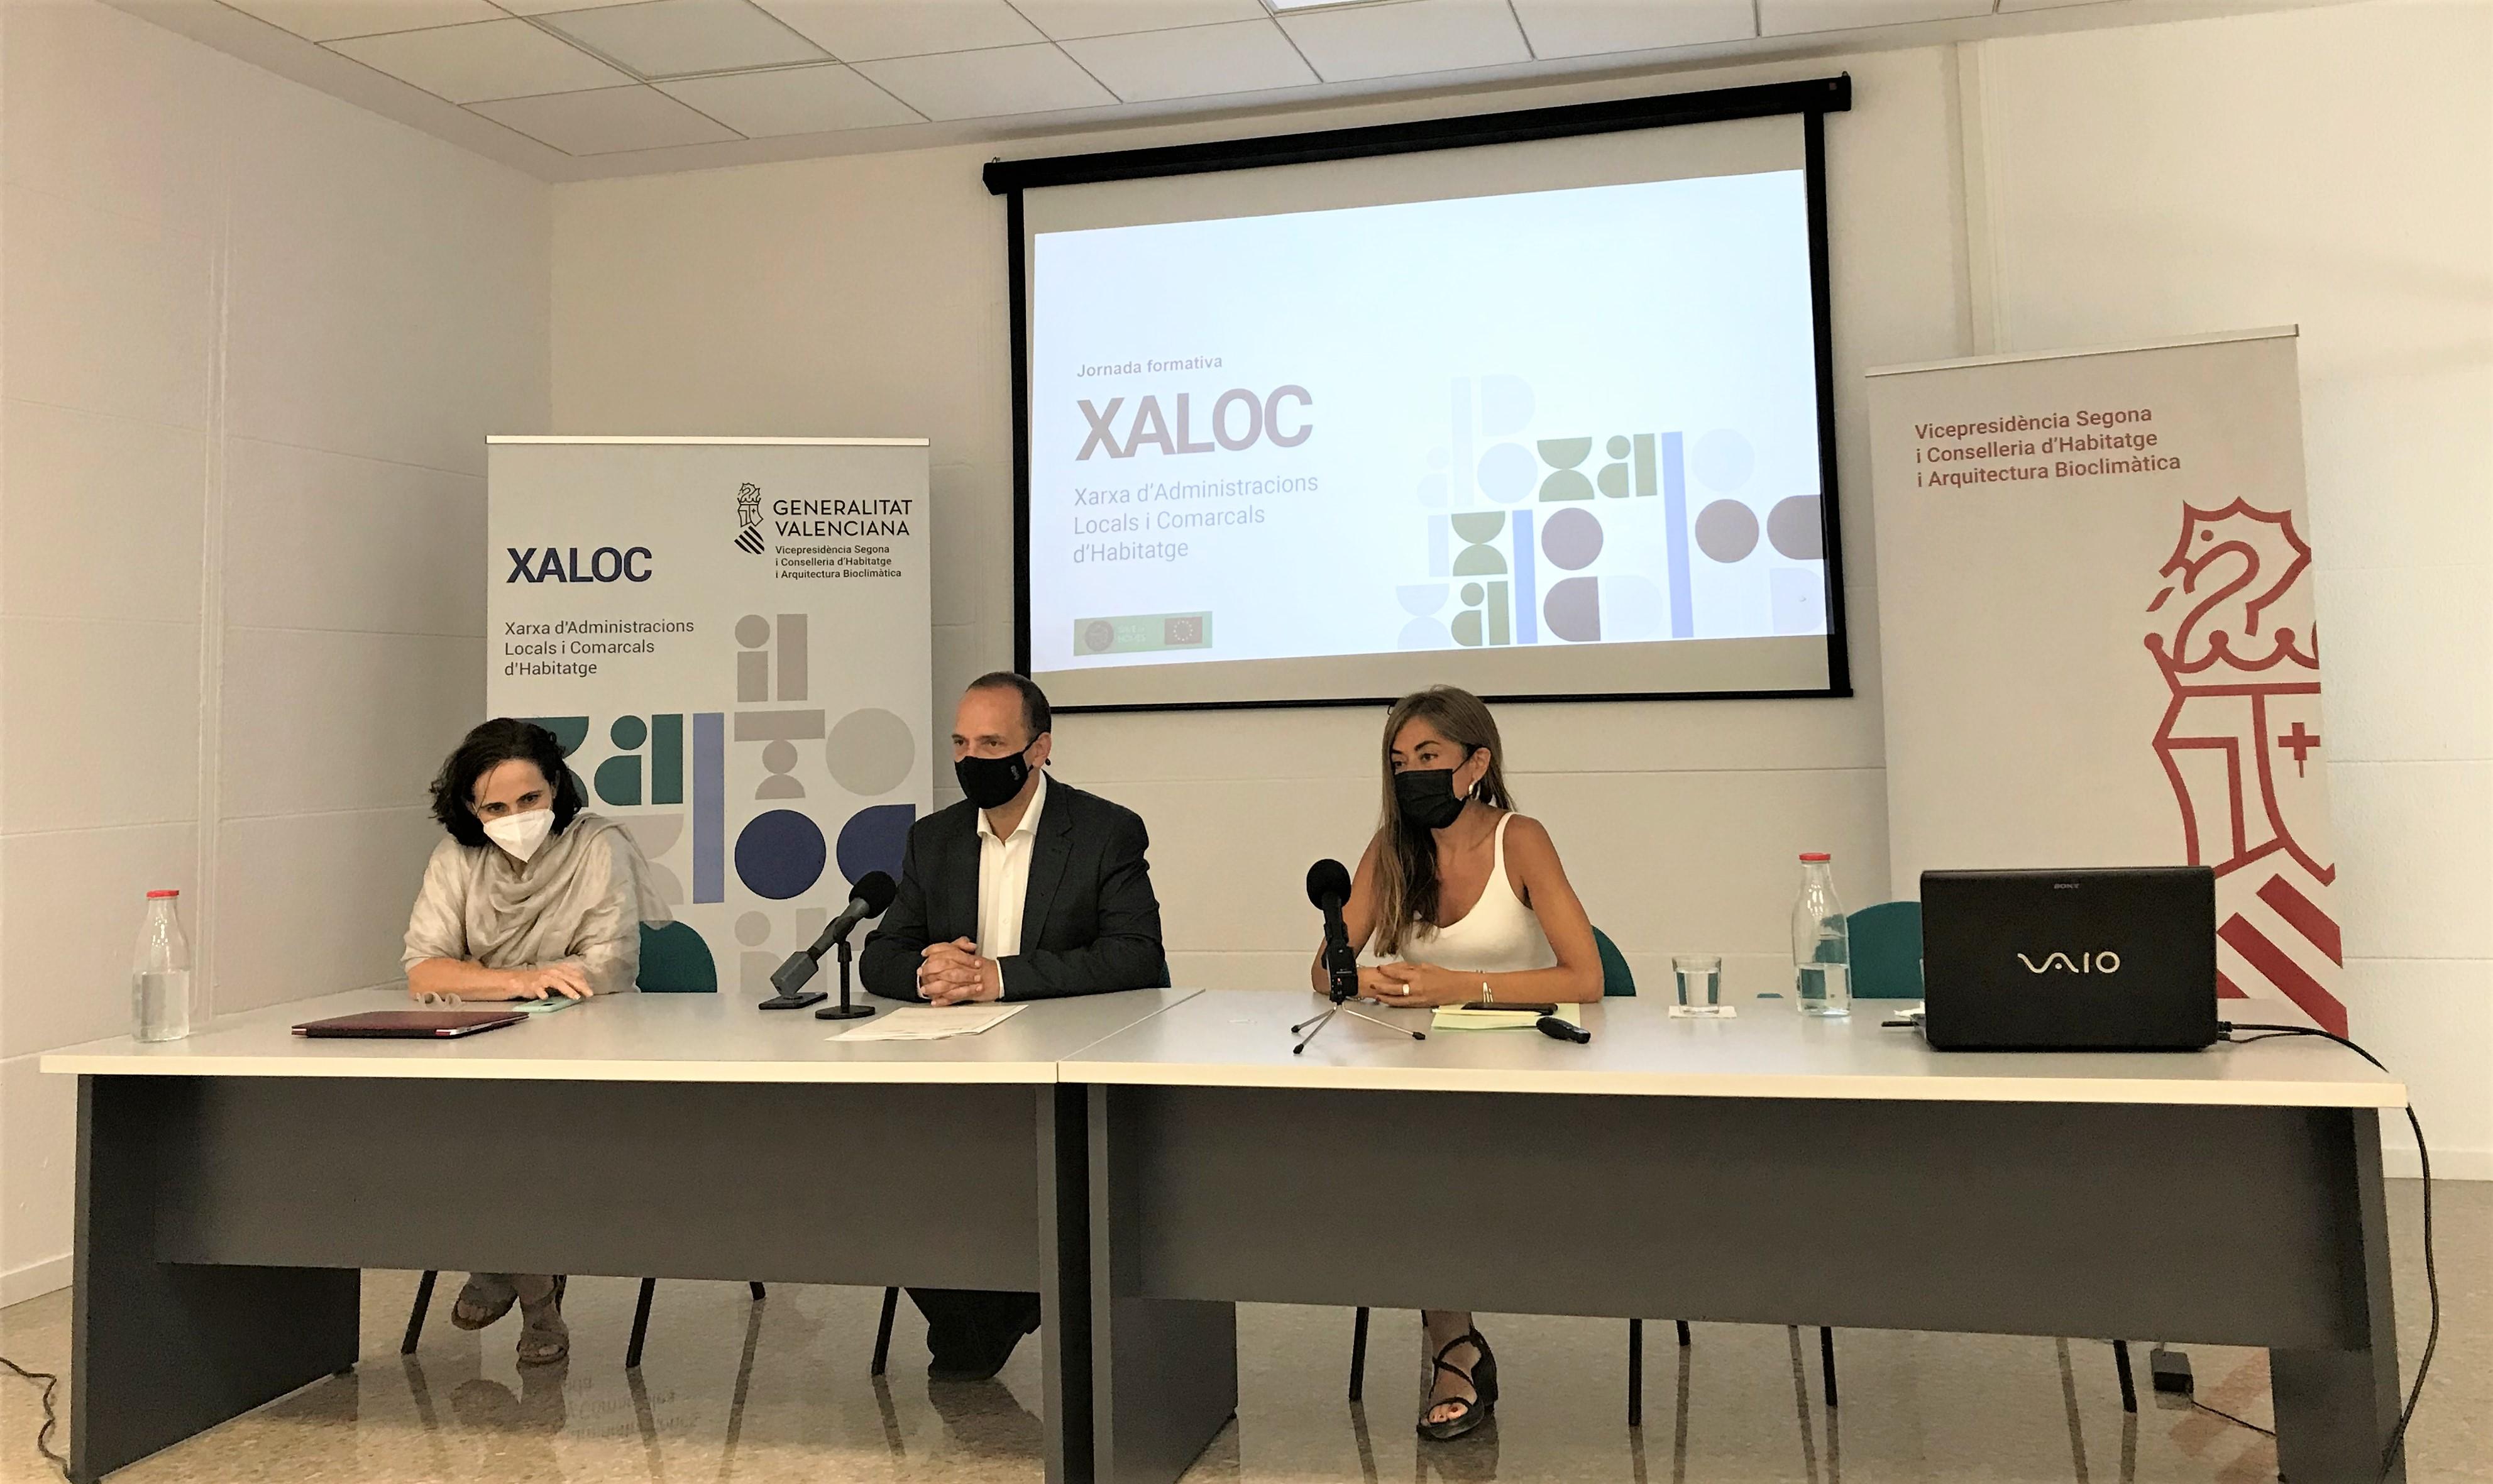 """Martínez Dalmau: """"El nostre objectiu és que la xarxa XALOC possibilite a 4.300.000 persones l""""accés directe a les oficines d""""habitatge"""""""